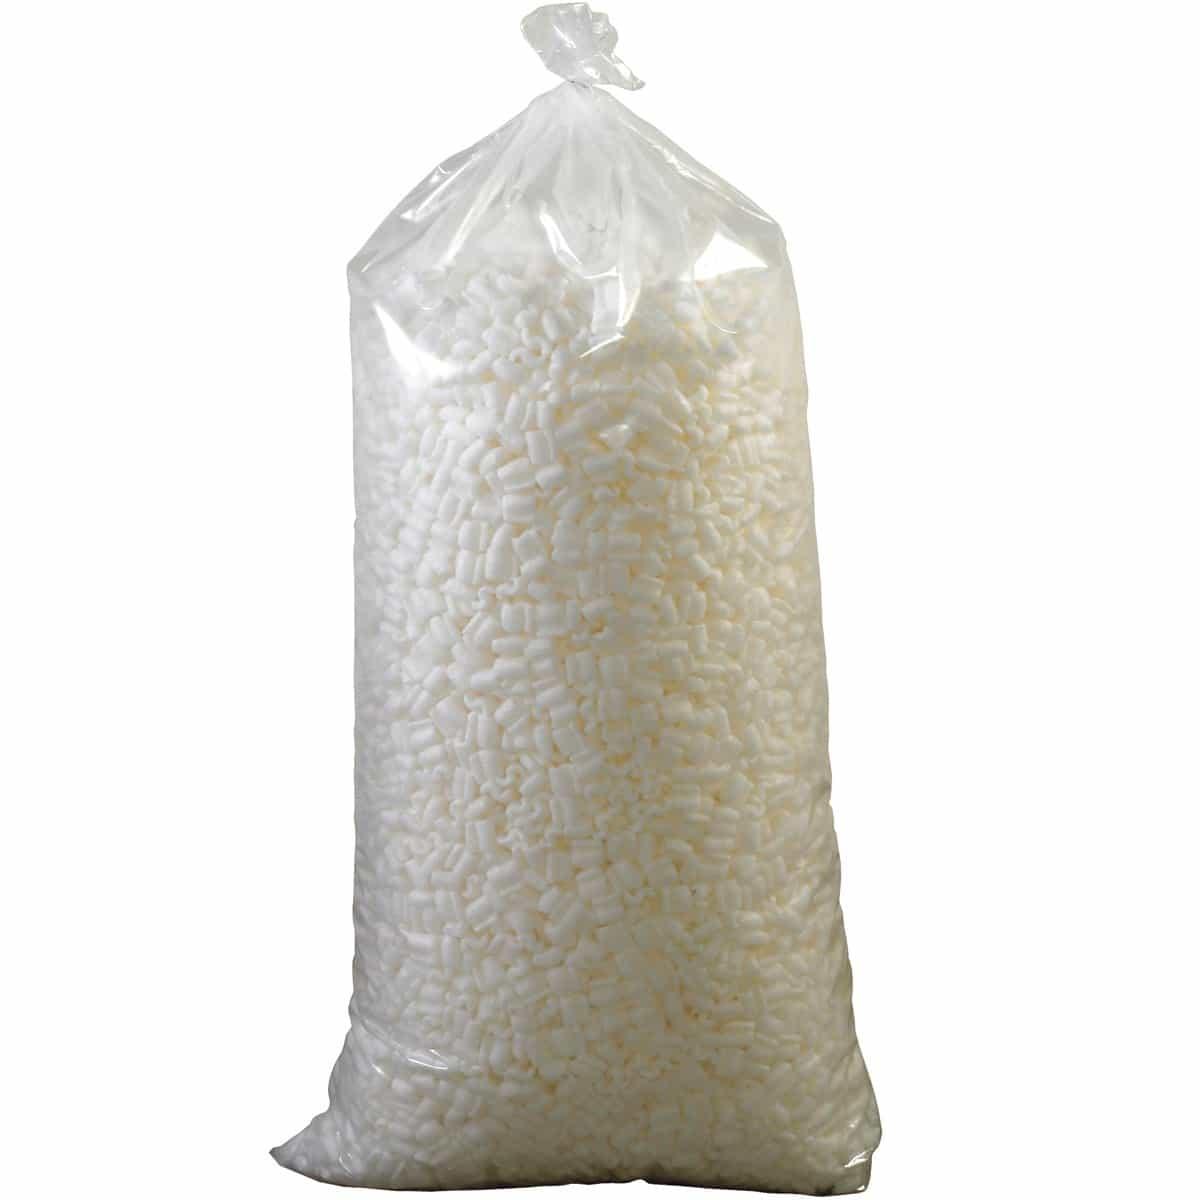 Opvulchips ECO flow - 425 liter